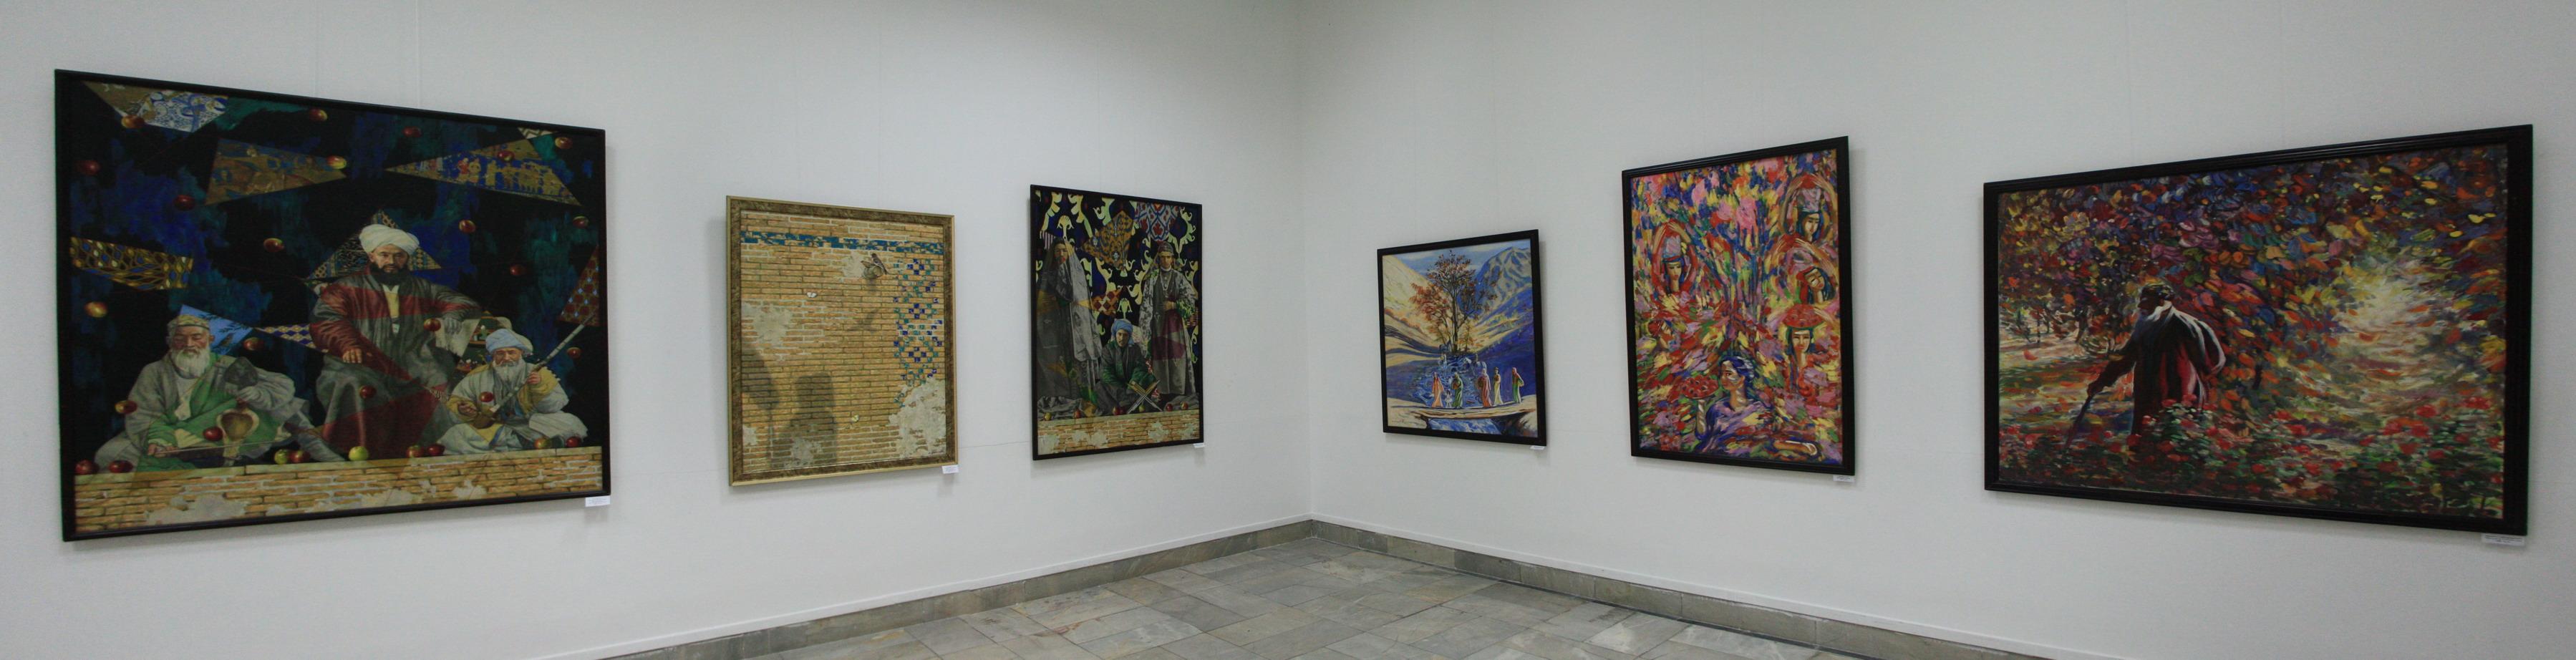 Акмаль Икрамджанов и Имъяр Мансуров. Экспозиция картин.